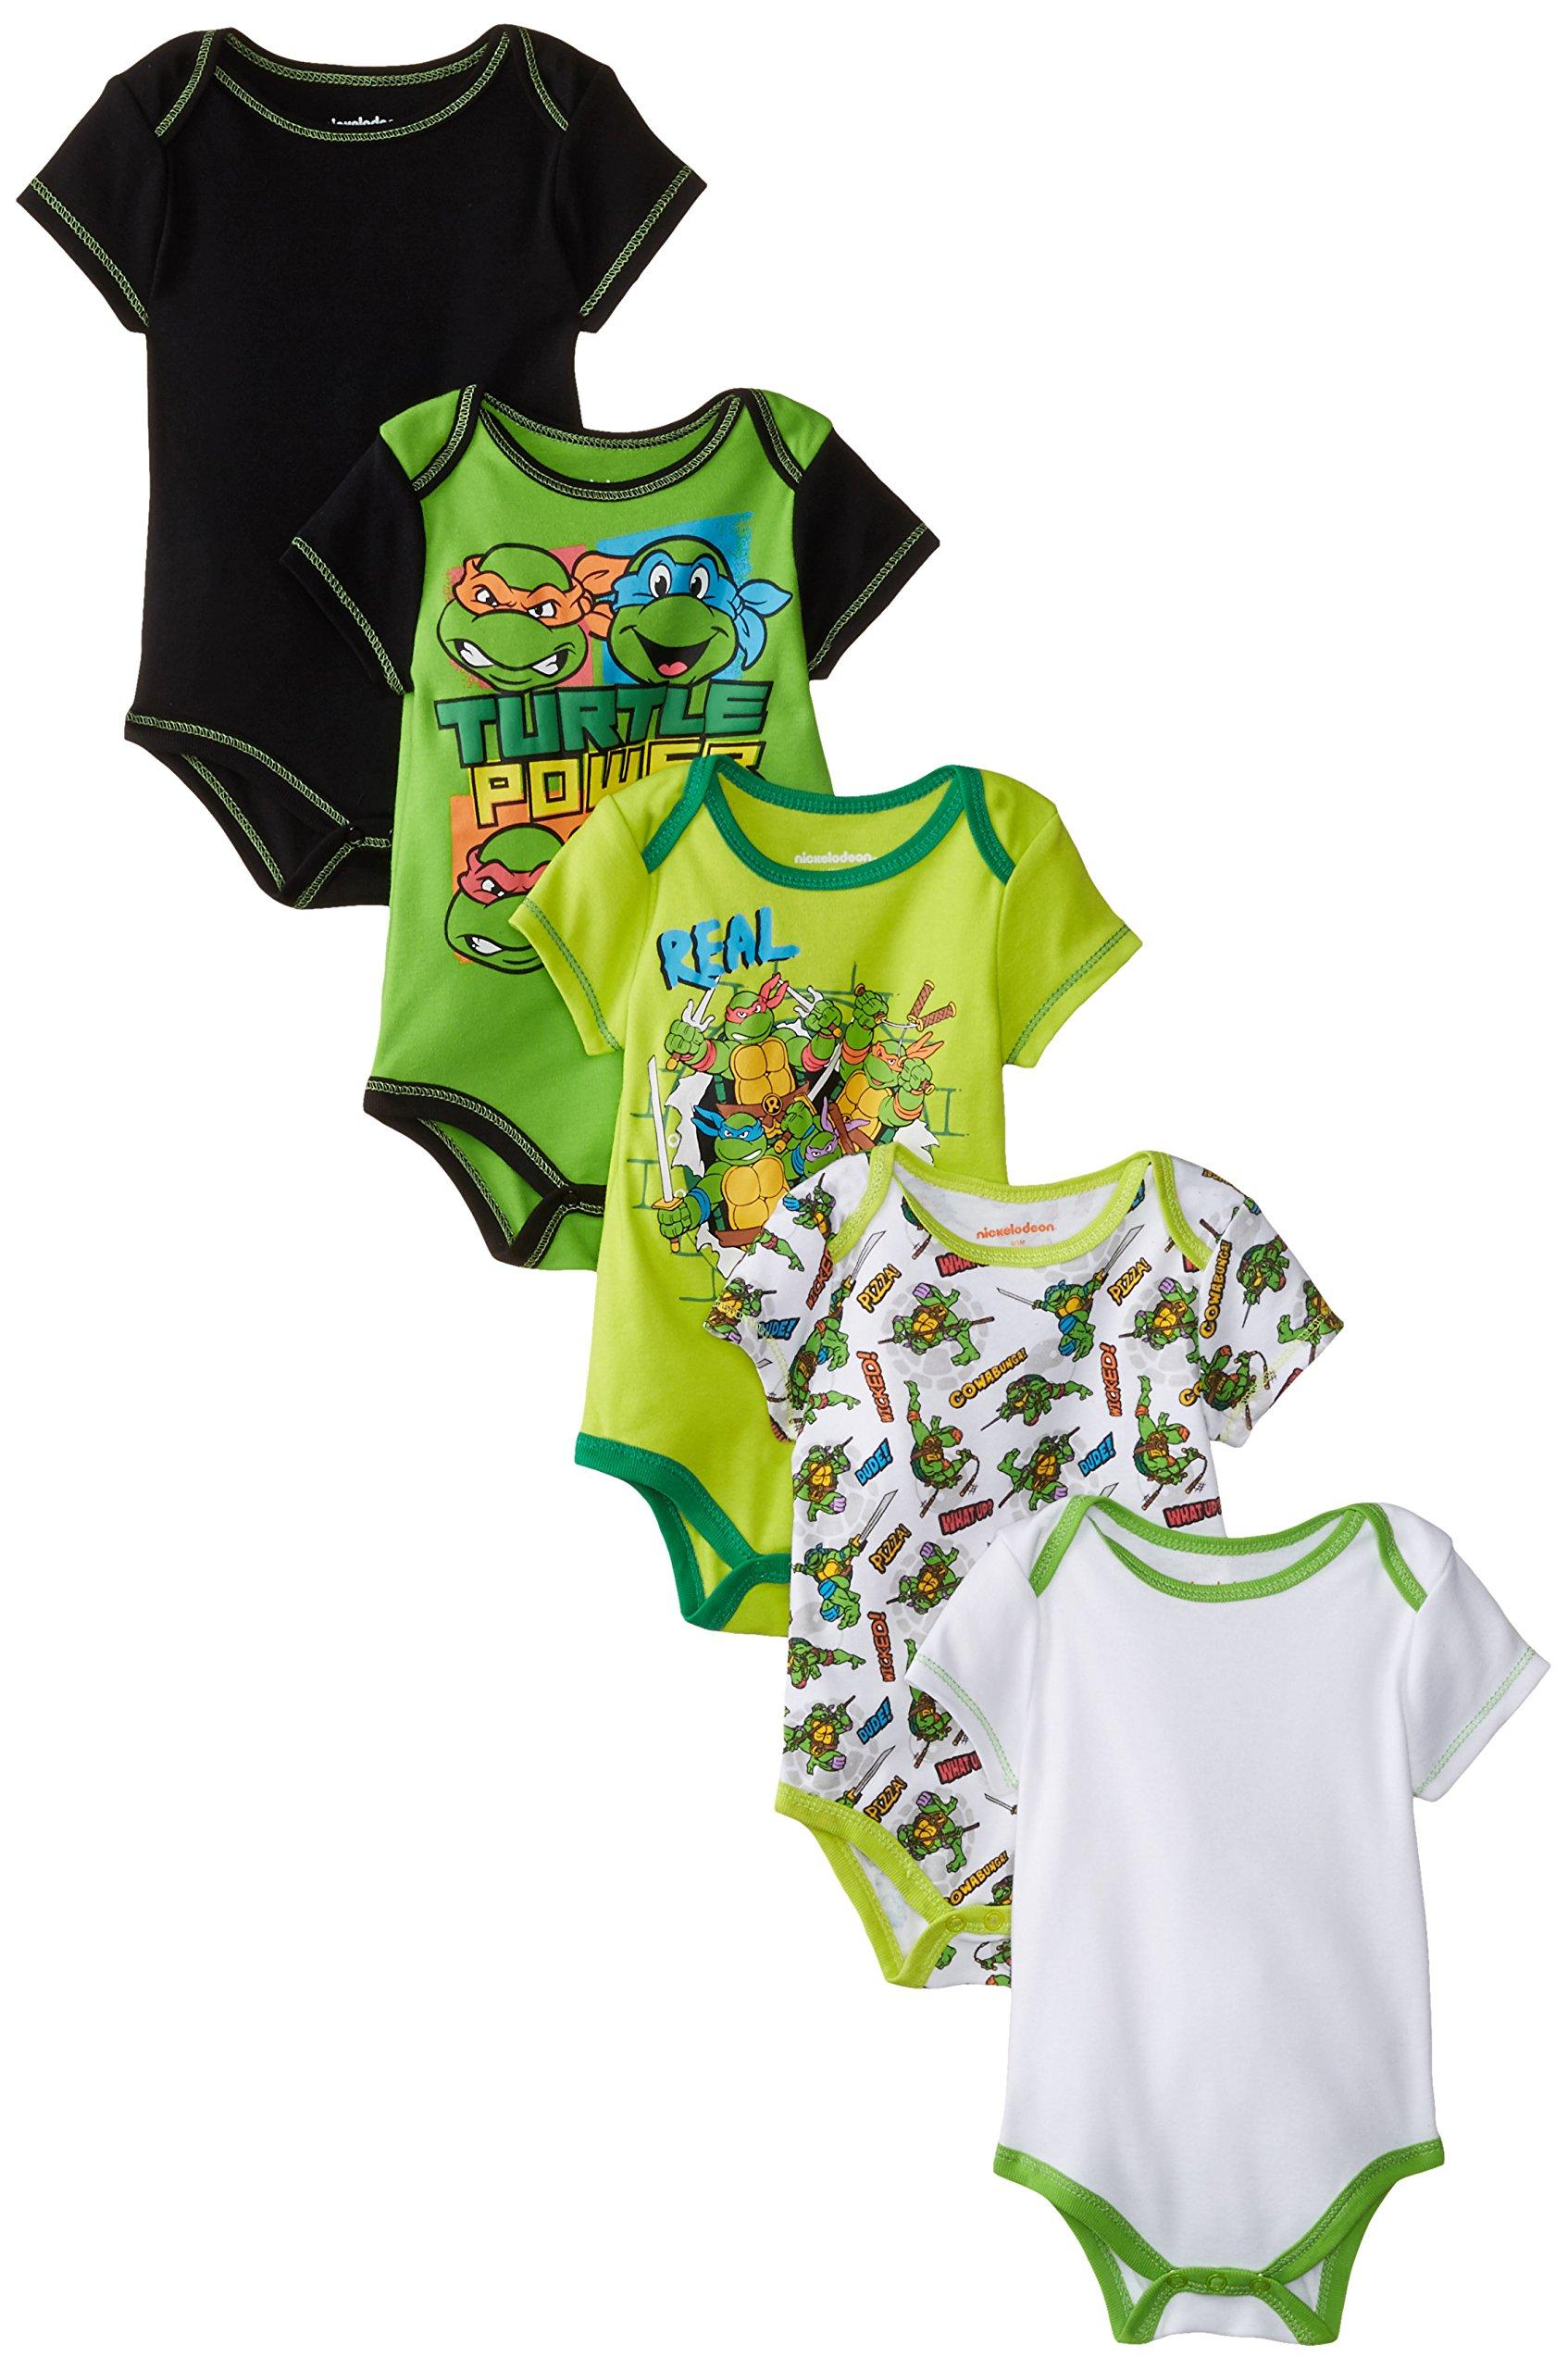 Nickelodeon Baby Boys' Teenage Mutant Ninja Turtles (TMNT) Bodysuits 5 Pack